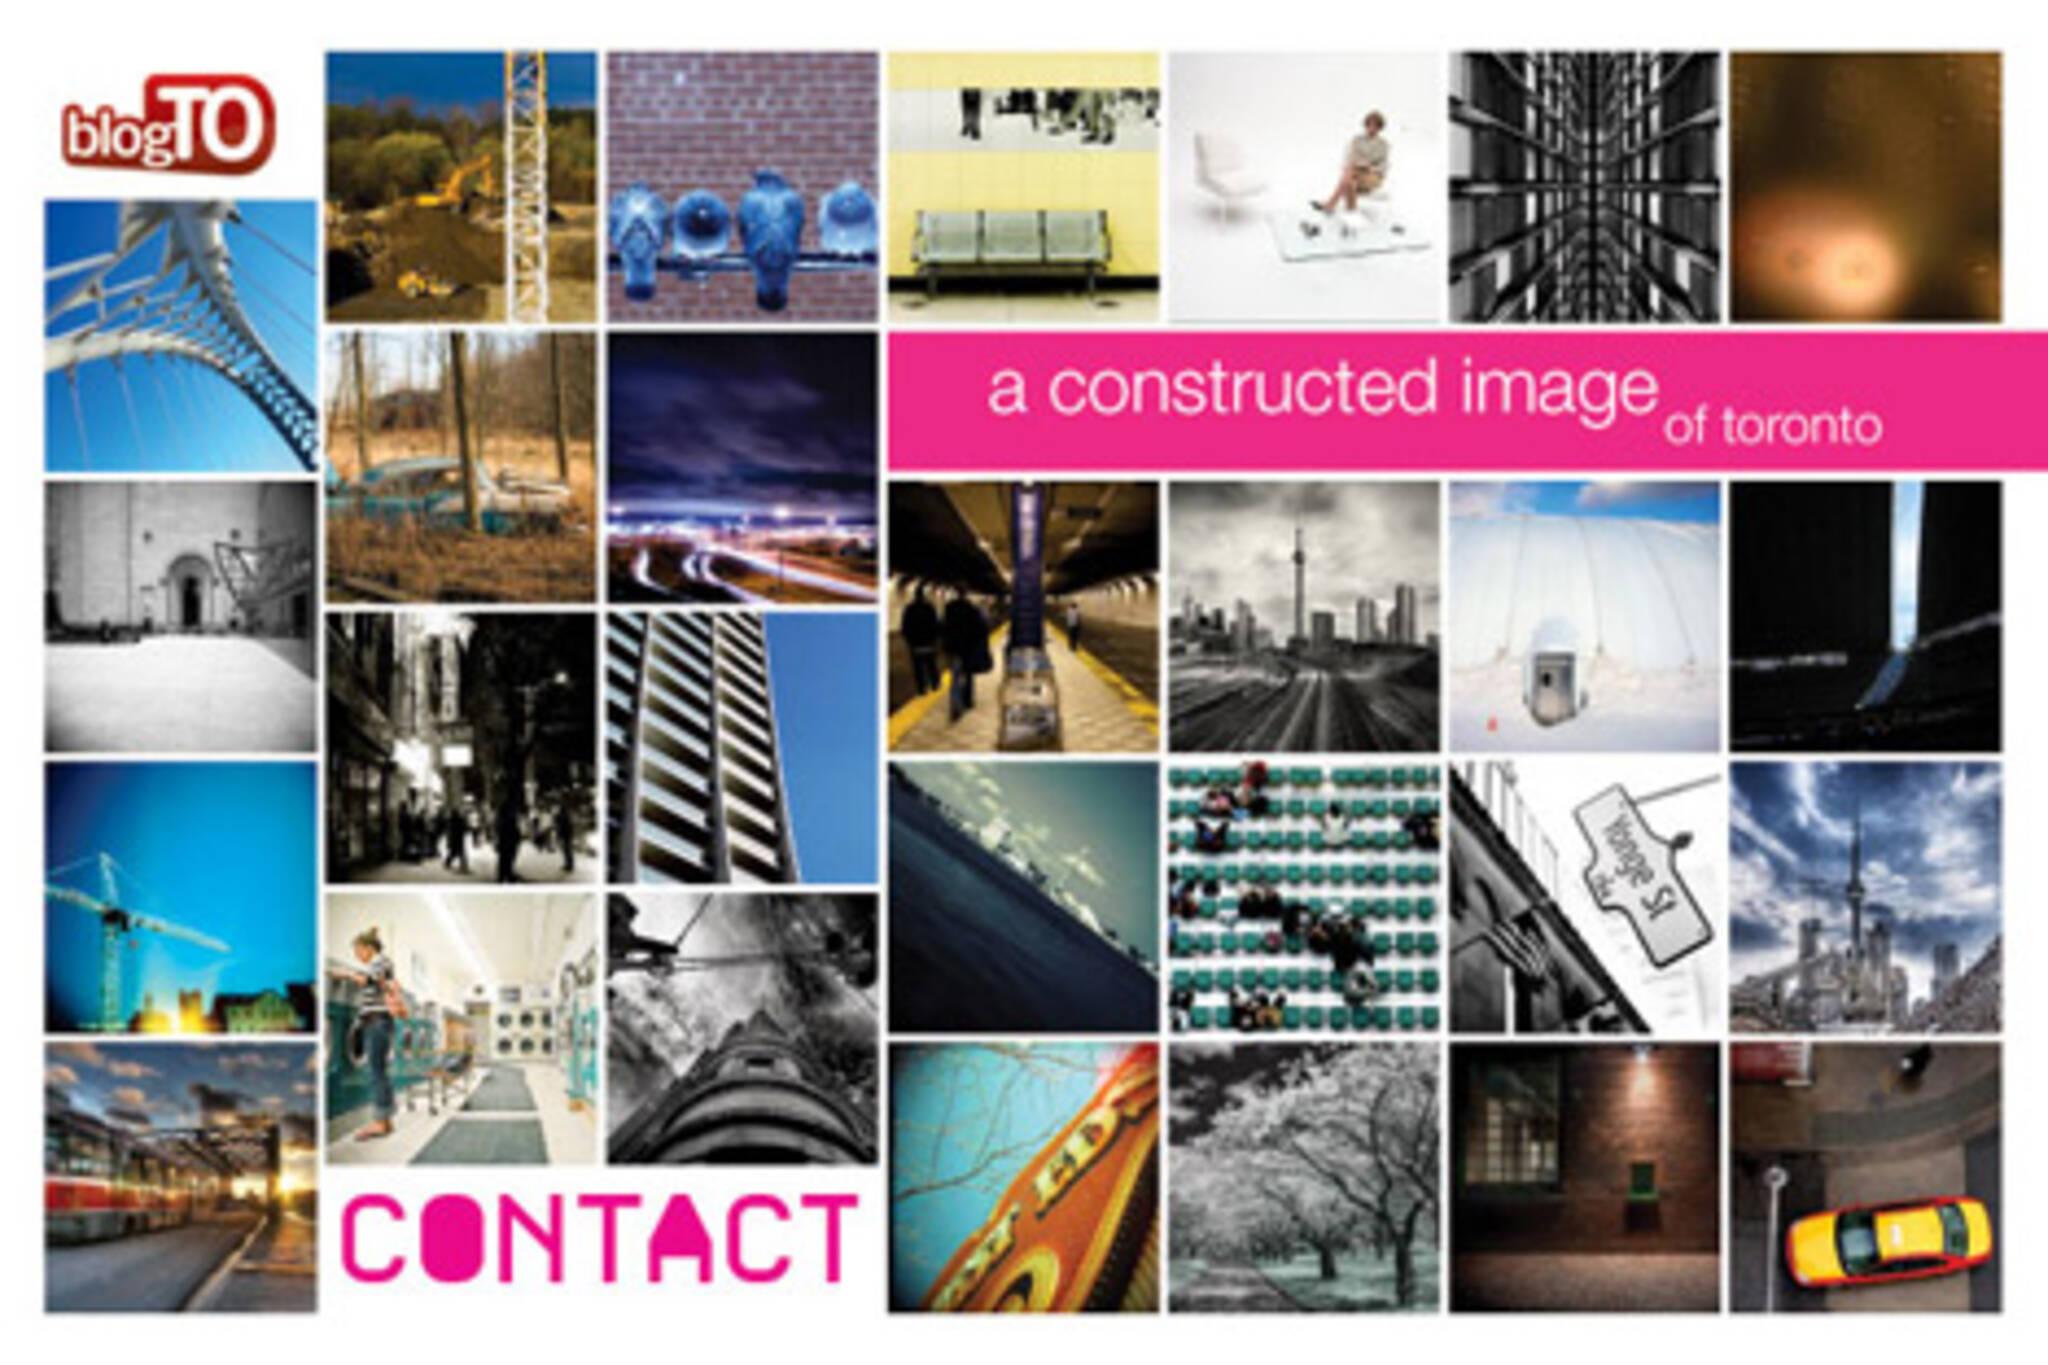 blogTO_contact2007_A468.jpg